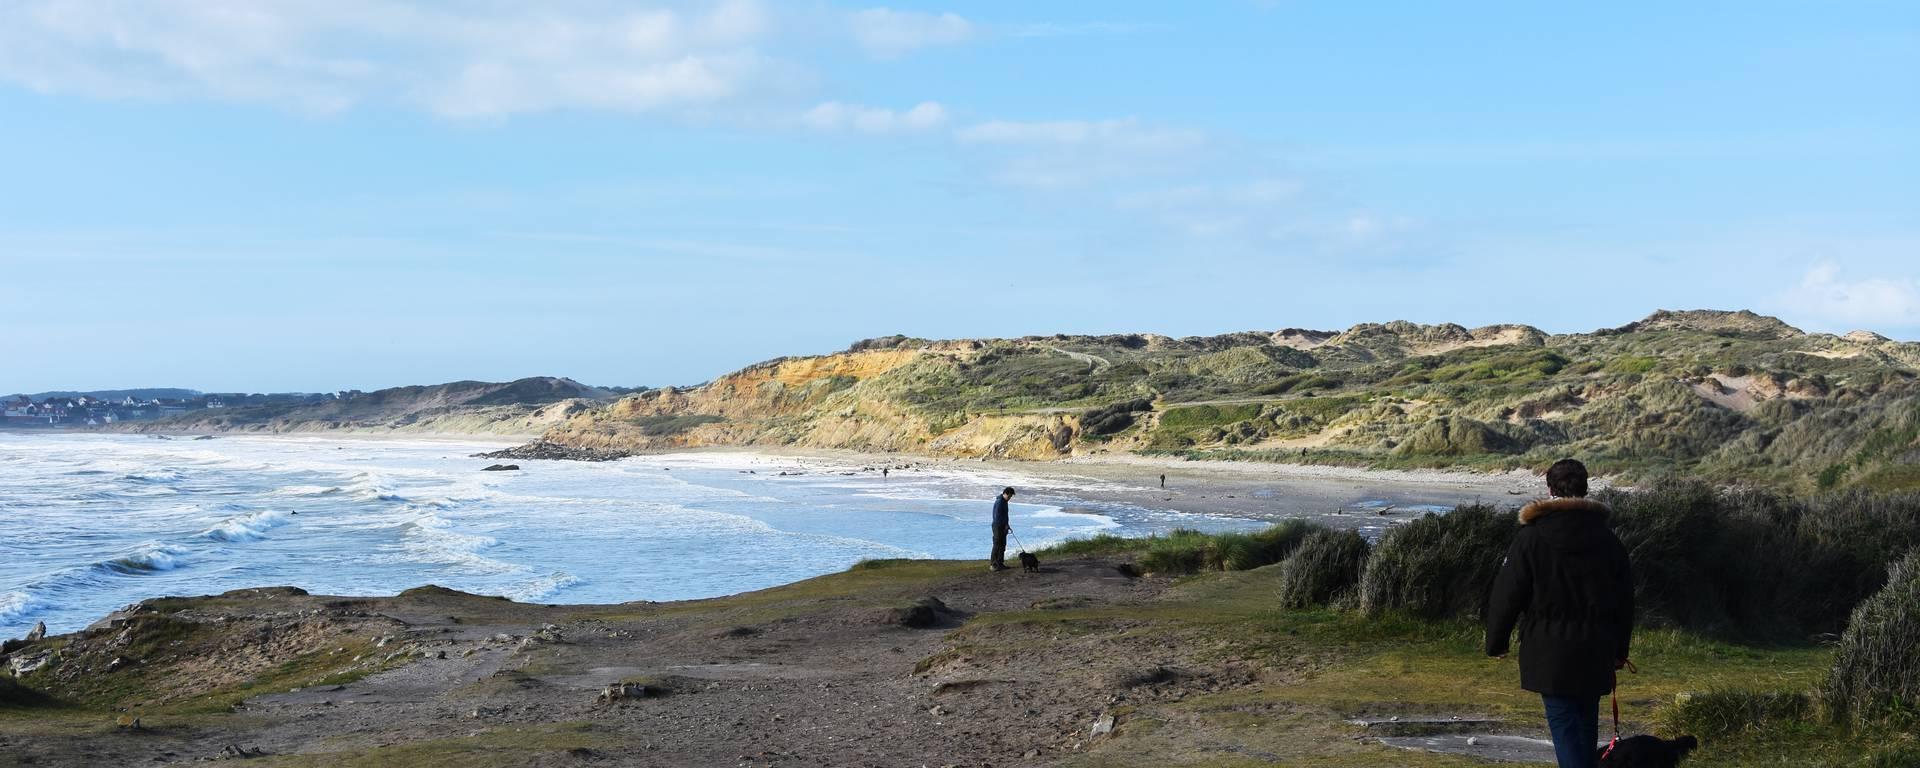 En route vers la plage Pointe aux Oies Wimereux